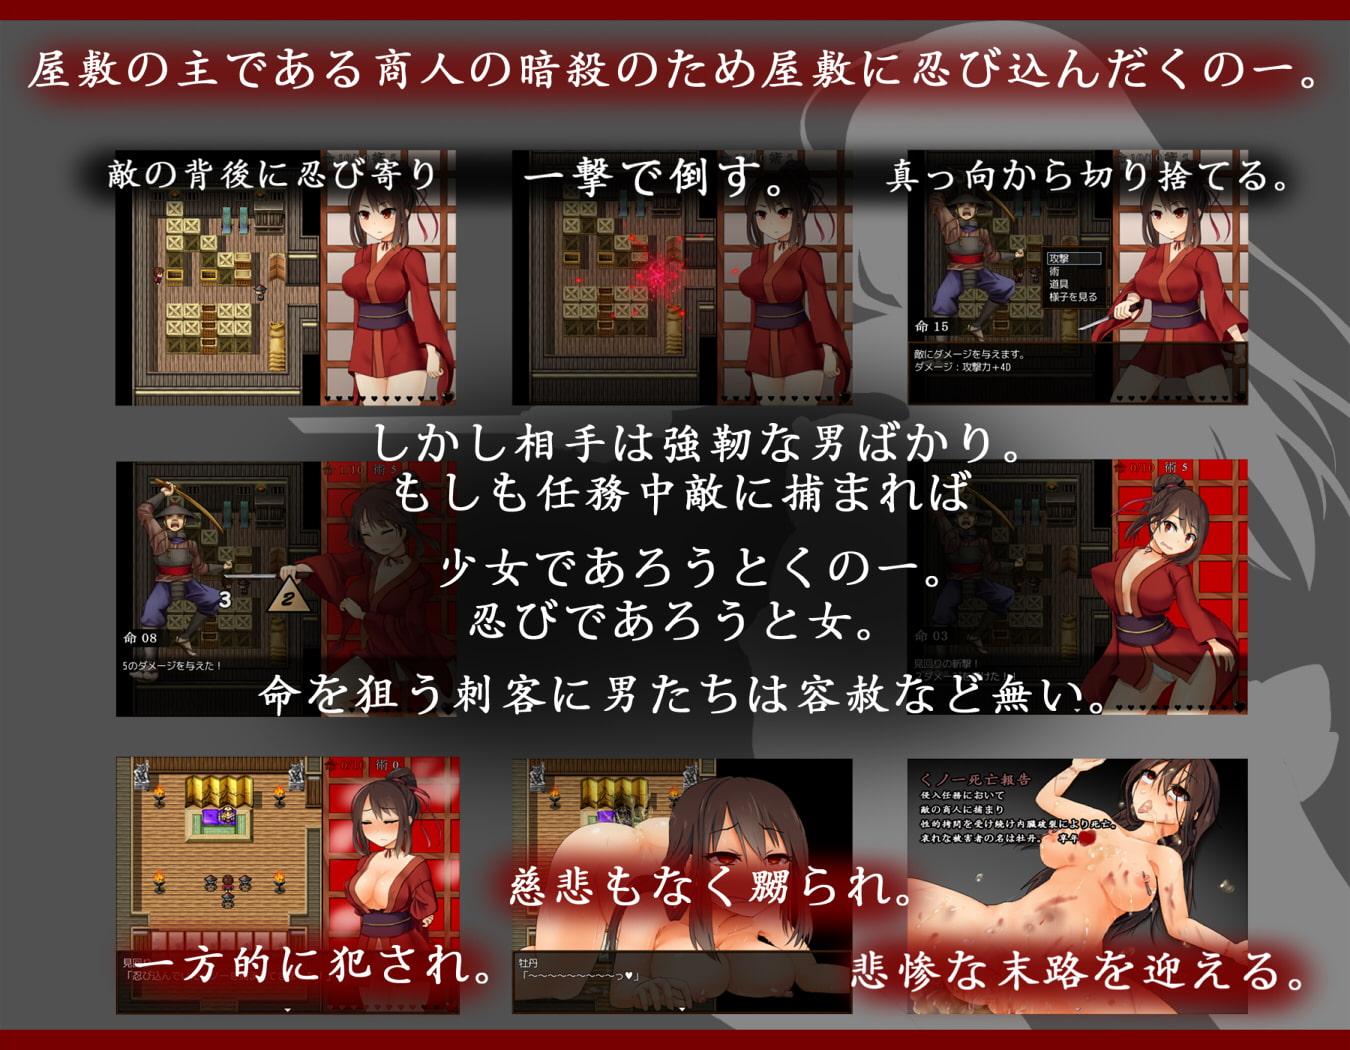 くノ一牡丹 (えのきっぷ) DLsite提供:同人ゲーム – ロールプレイング